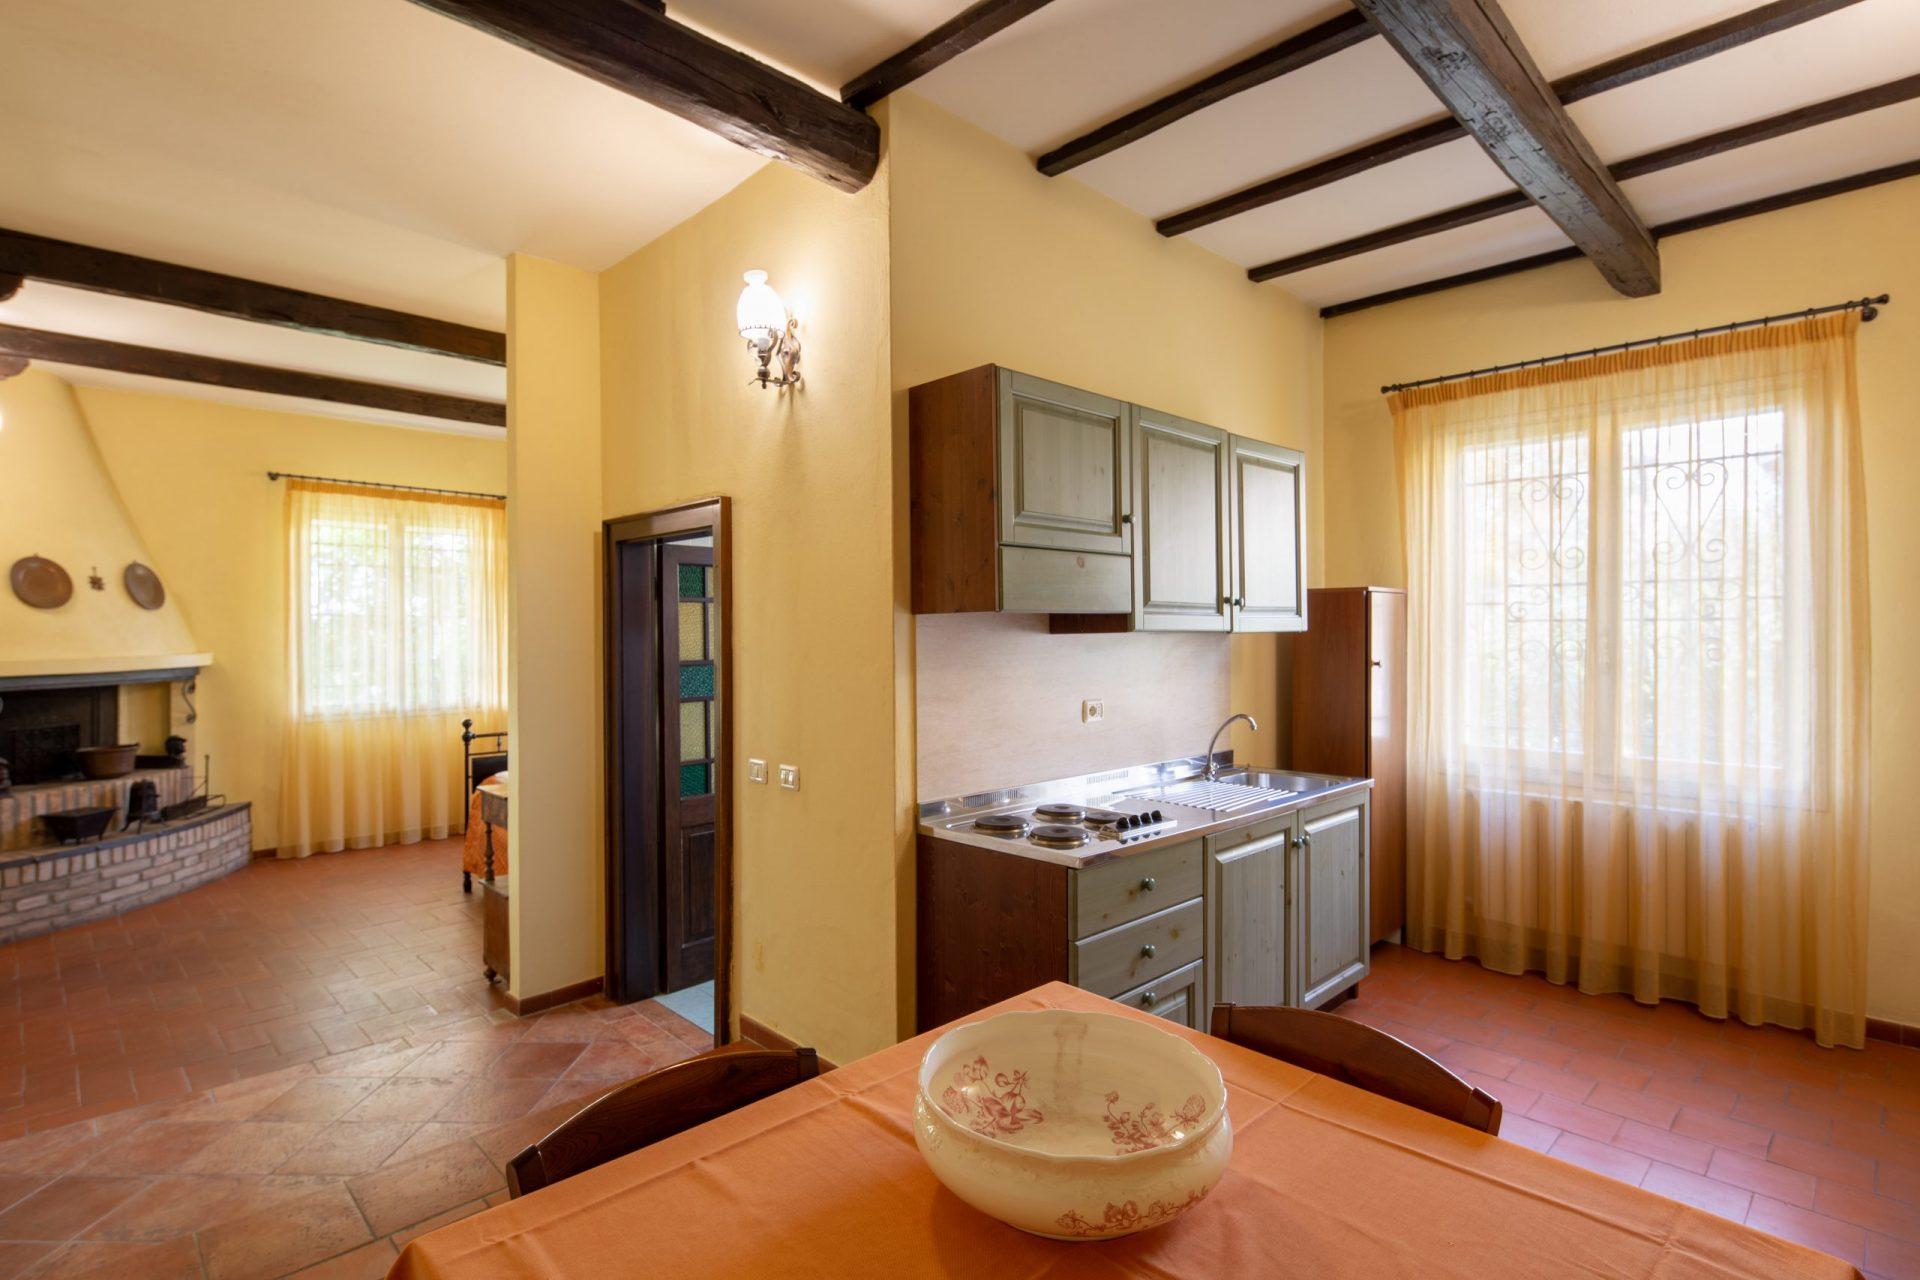 Agriturismo-La-Torretta-Appartamento-3-e-sala-08